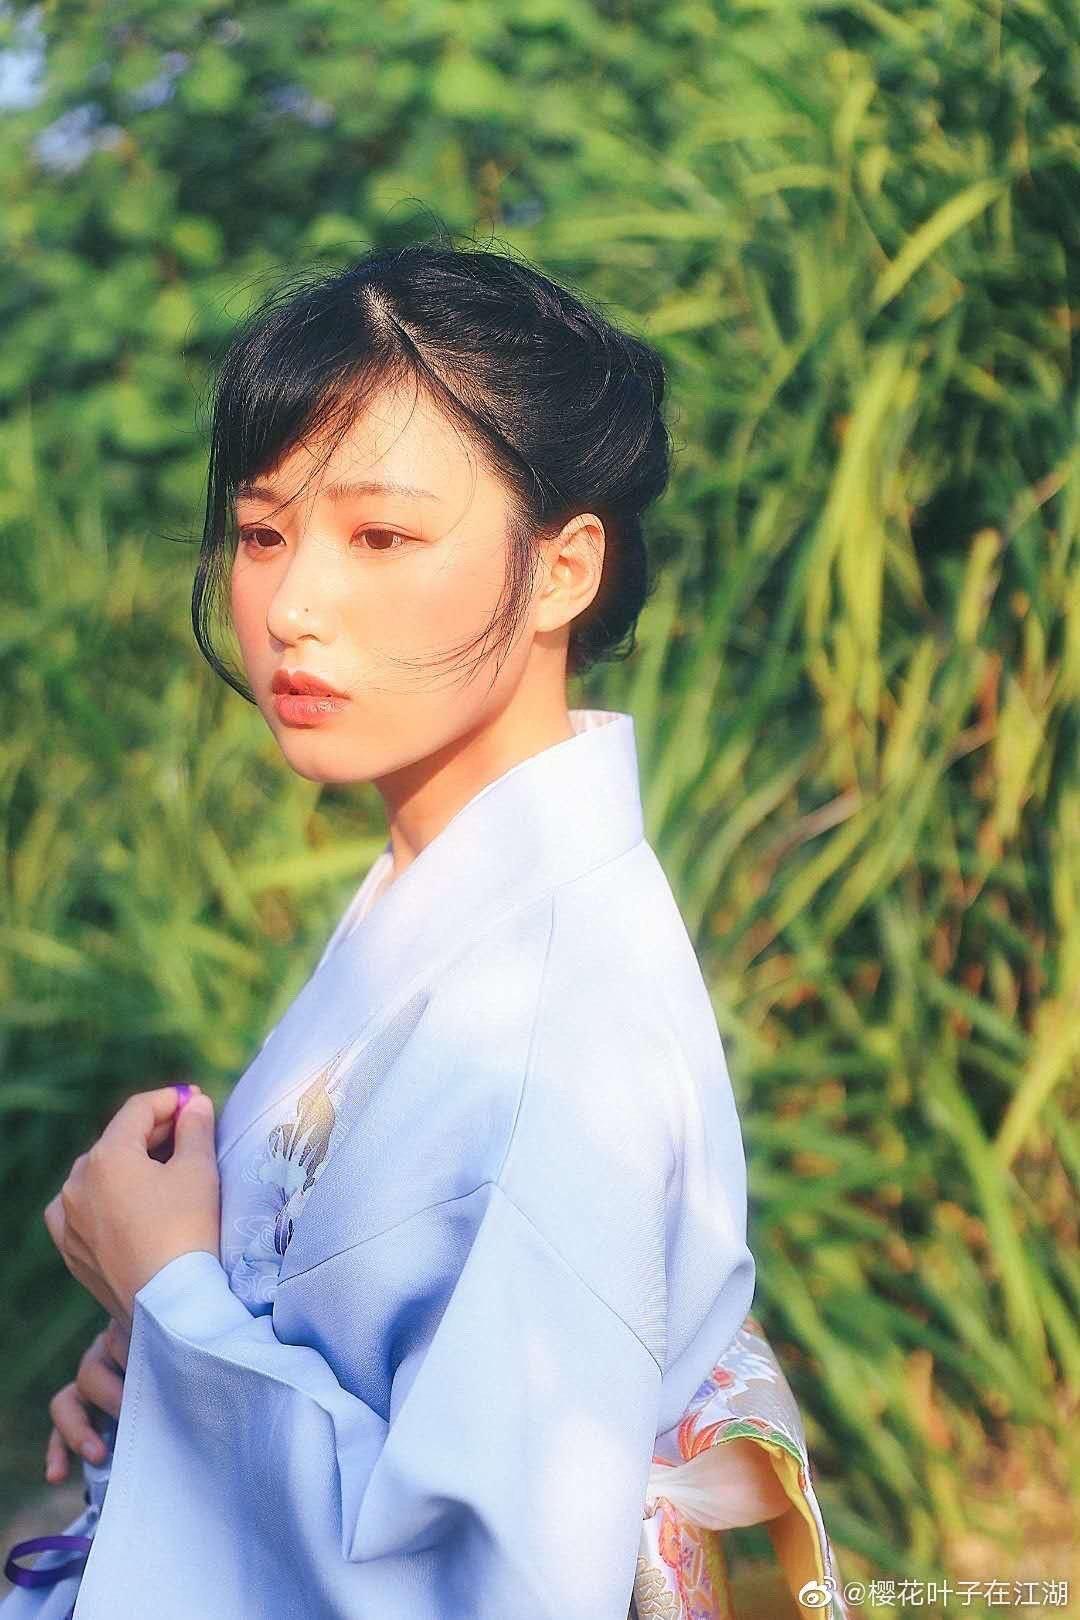 日系馆模特推荐第1208期:微博:@樱花叶子在江湖,坐标三亚 天津